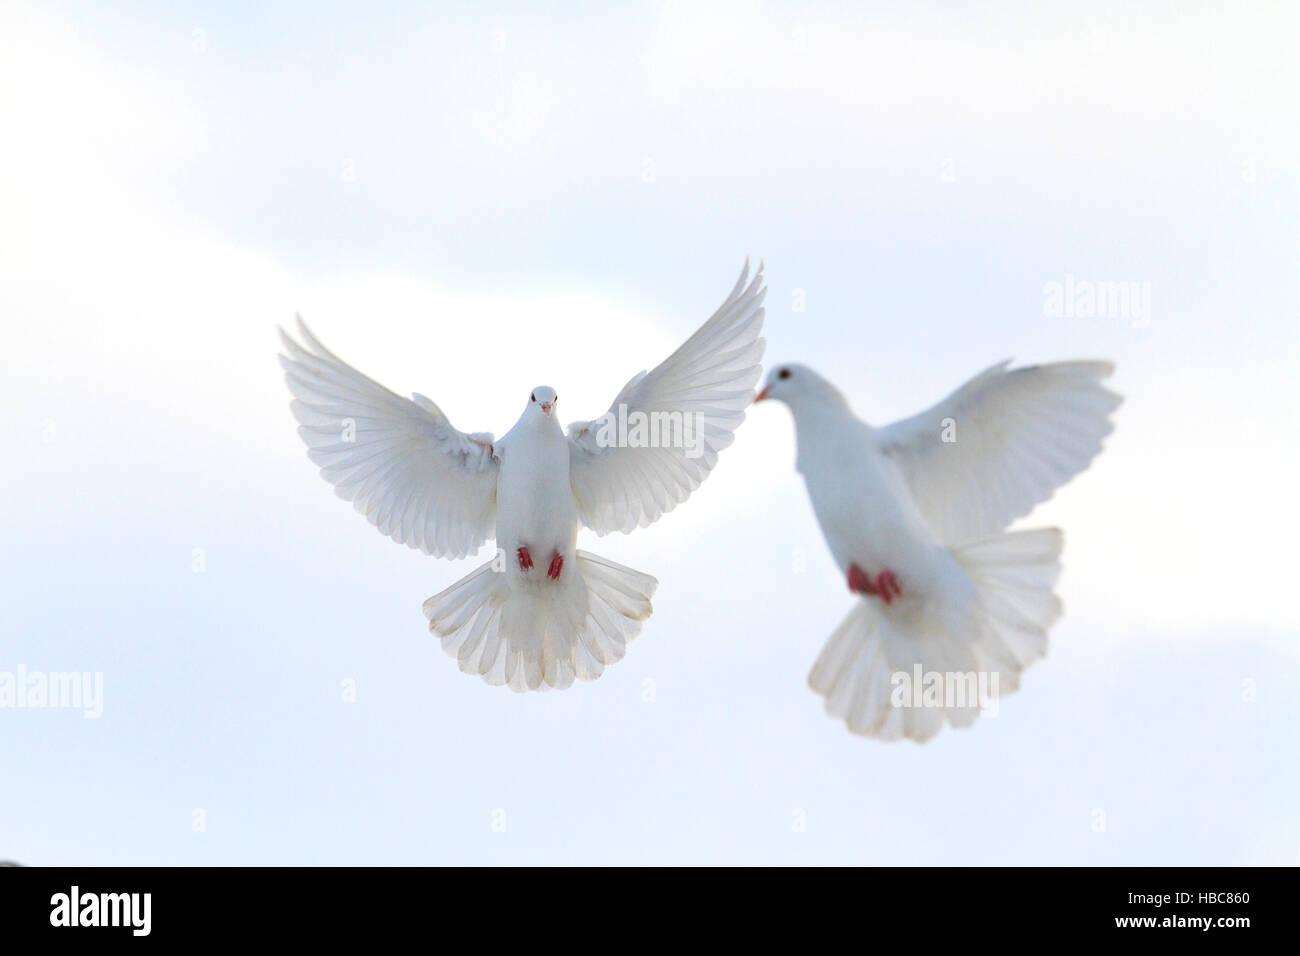 Par De Palomas Blancas Volando En El Cielo De Invierno Foto Imagen